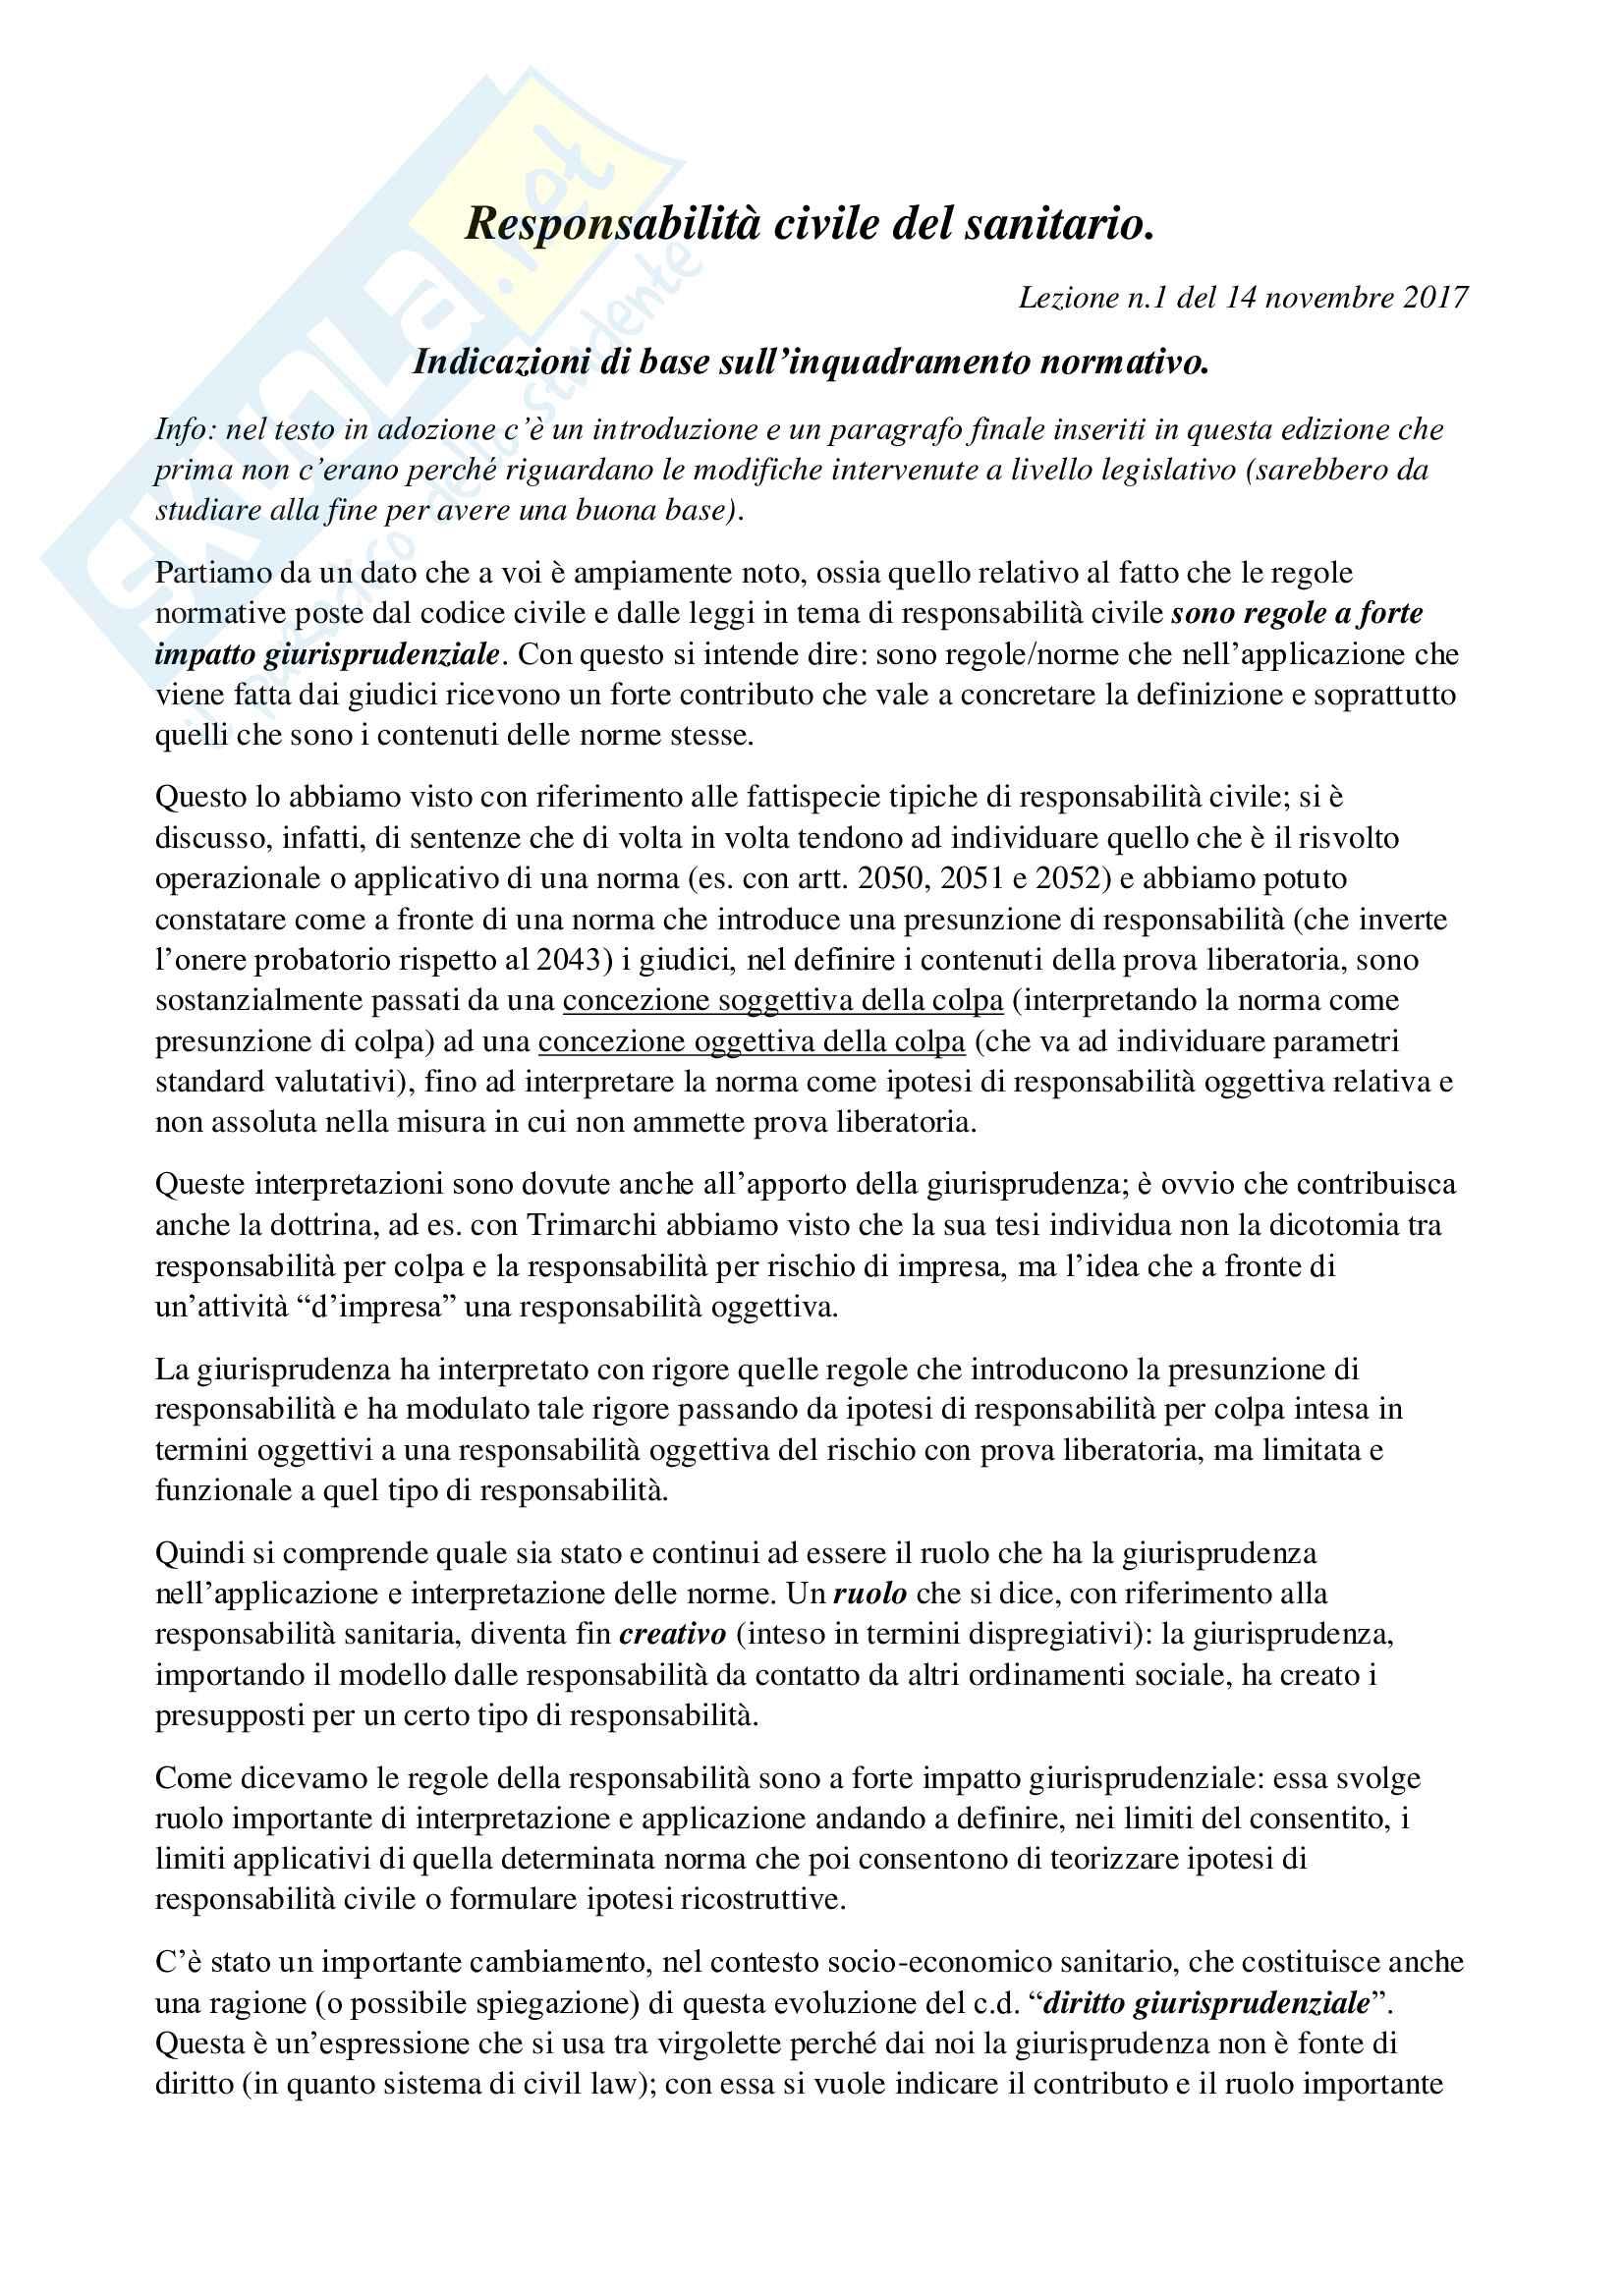 Responsabilità civile del sanitario, diritto civile